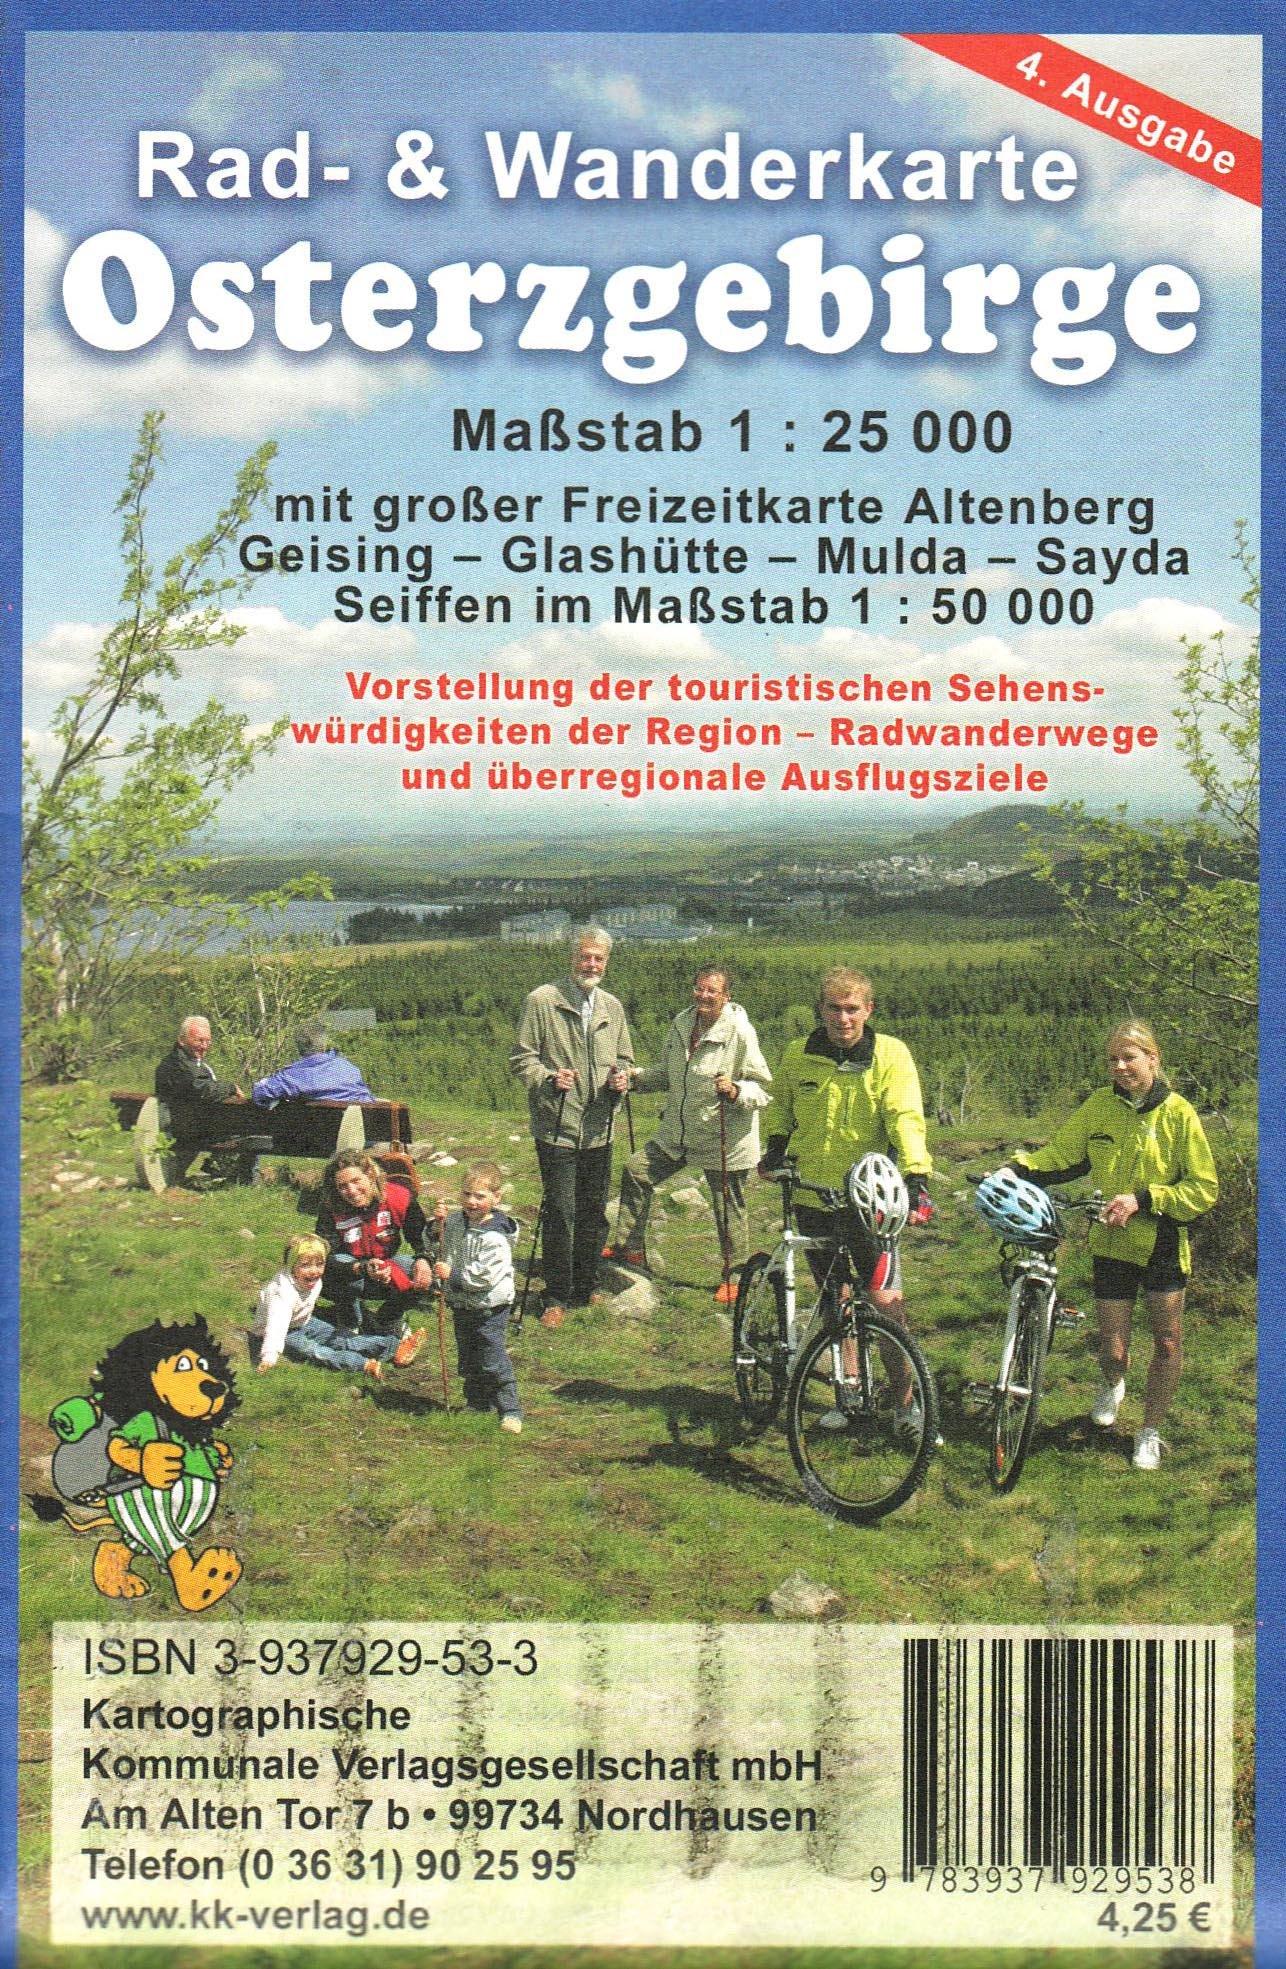 Osterzgebirge: Rad- und Wanderkarte Maßstab 1:25000 und Freizeitkarte Maßstab 1:50000